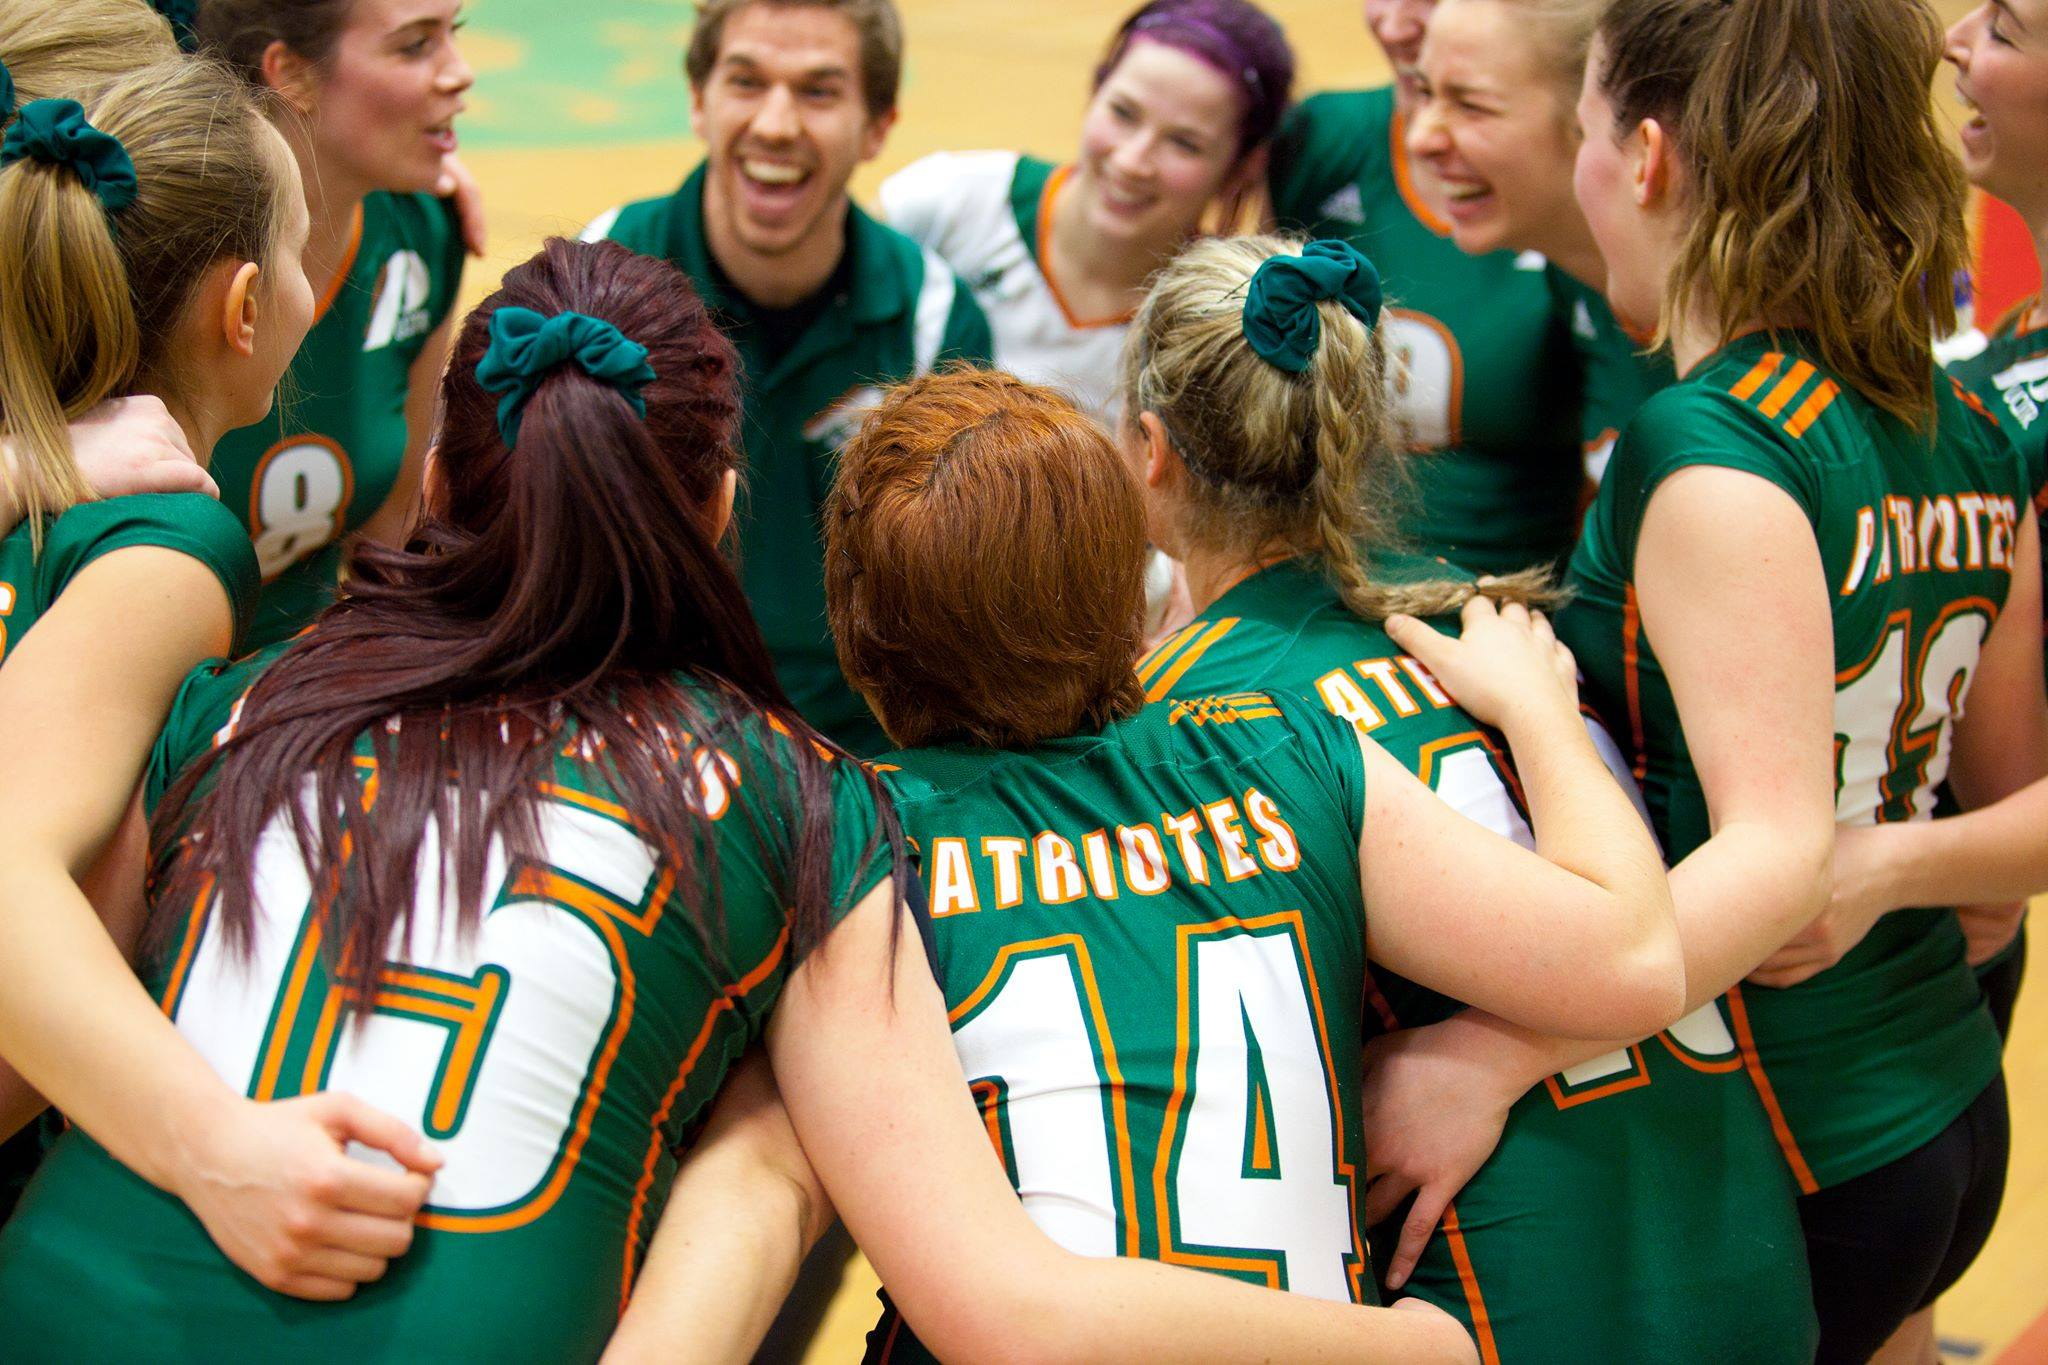 L'équipe féminine de Volleyball lors de la partie du 4 novembre dernier à l'UQAC. Photo: Patriotes